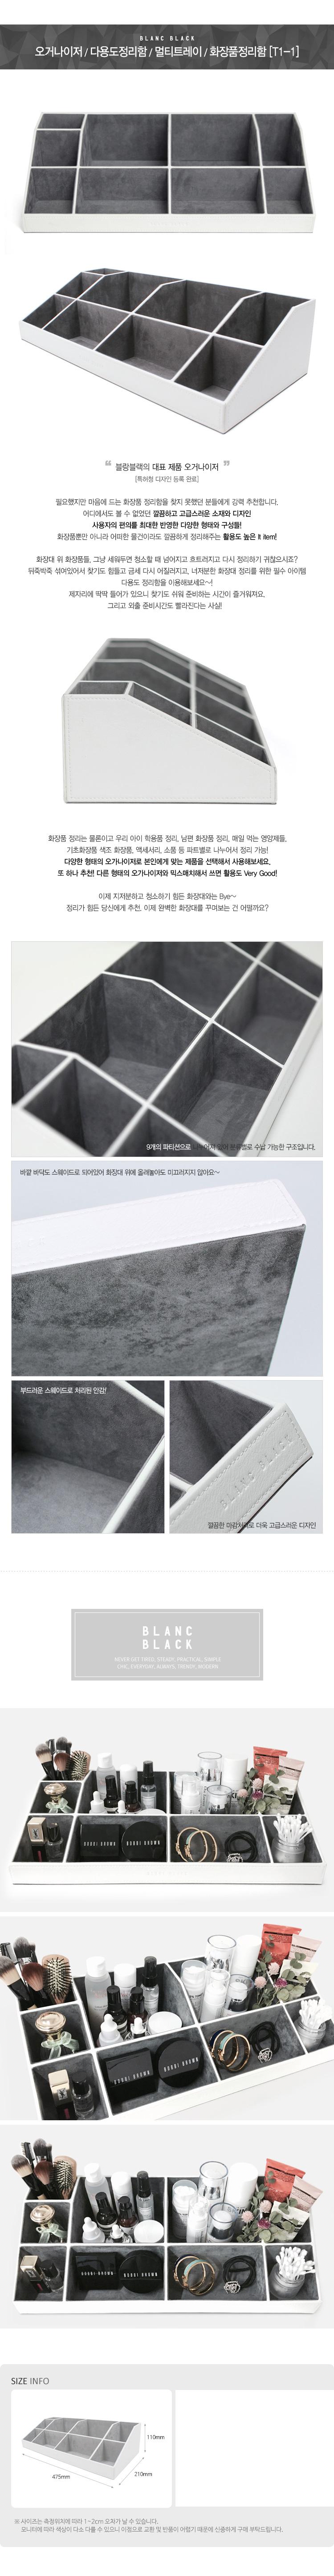 블랑블랙 오거나이저(화장품정리함 멀티트레이)T1-1 - 블랑블랙, 50,000원, 정리함, 화장품정리함